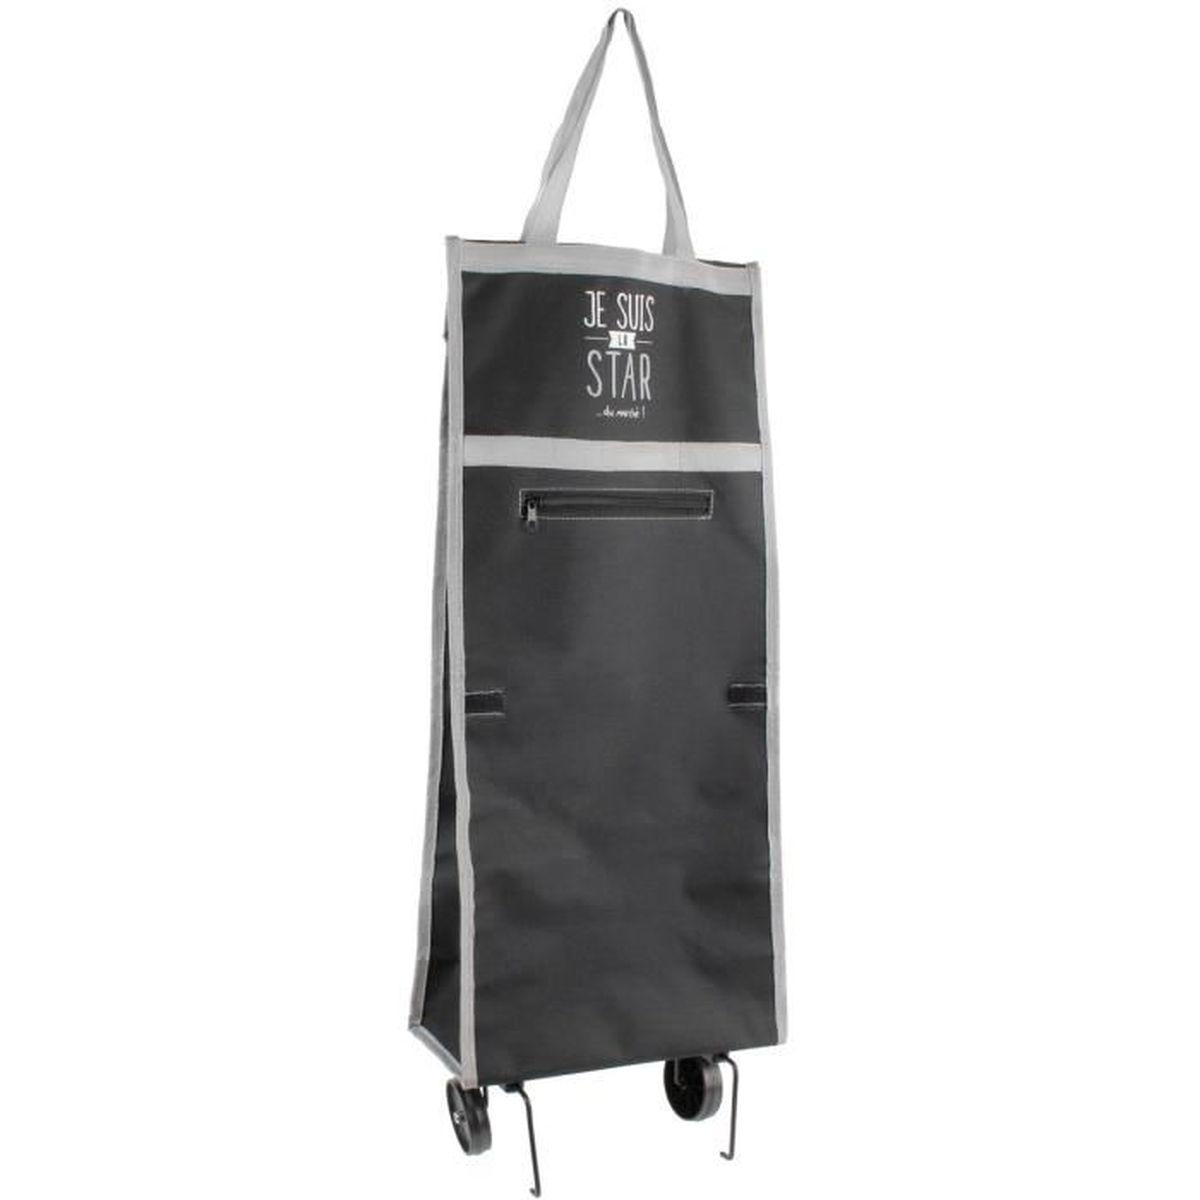 sac de course sur roulettes achat vente pas cher. Black Bedroom Furniture Sets. Home Design Ideas